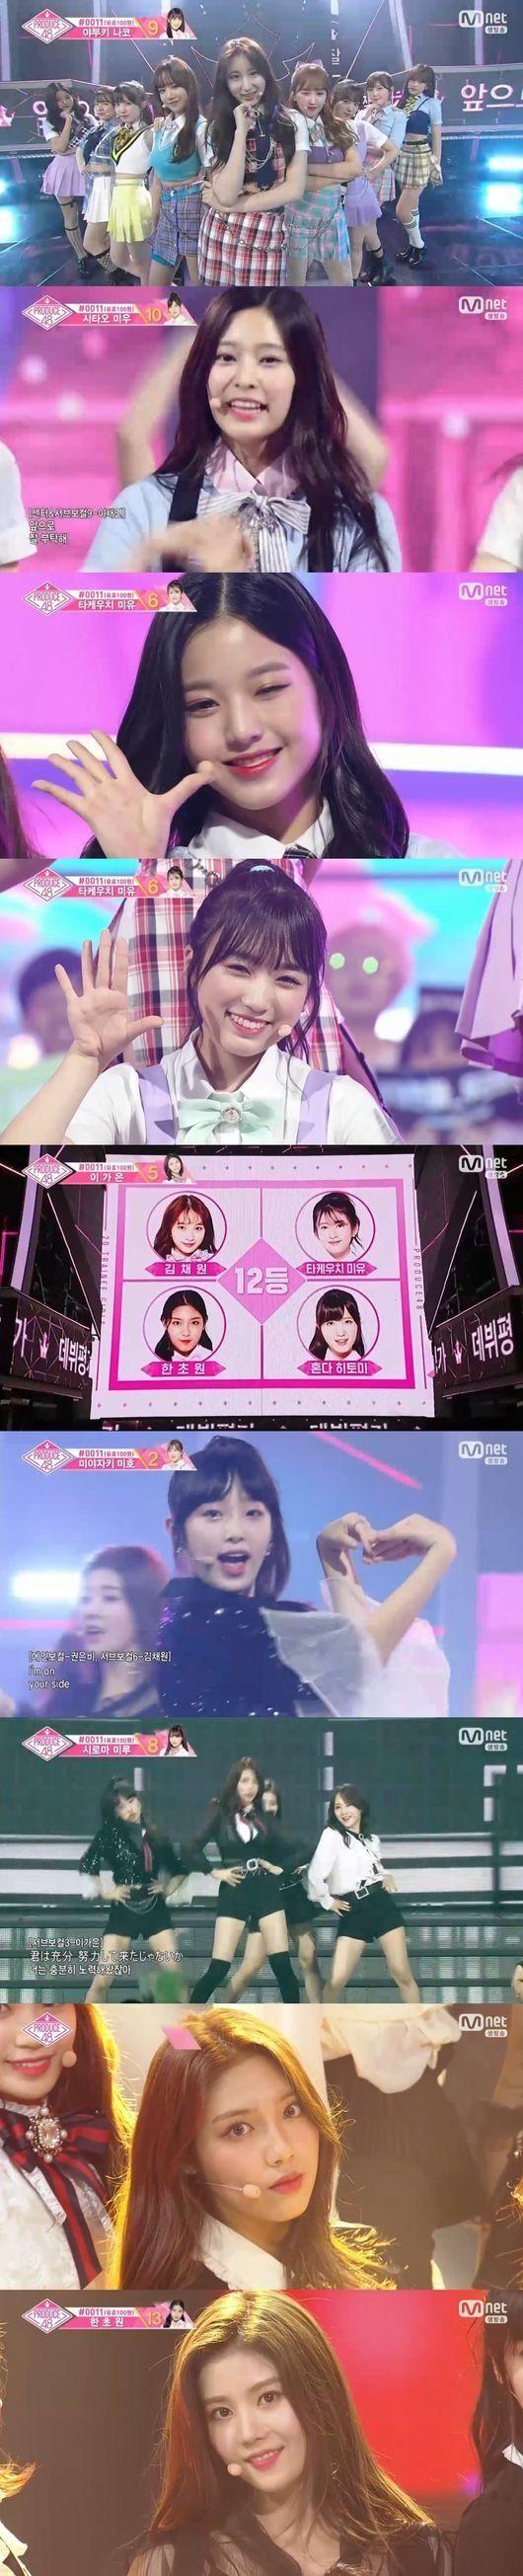 '프로듀스48' 장원영·사쿠라에 이채연까지..12人 반전의